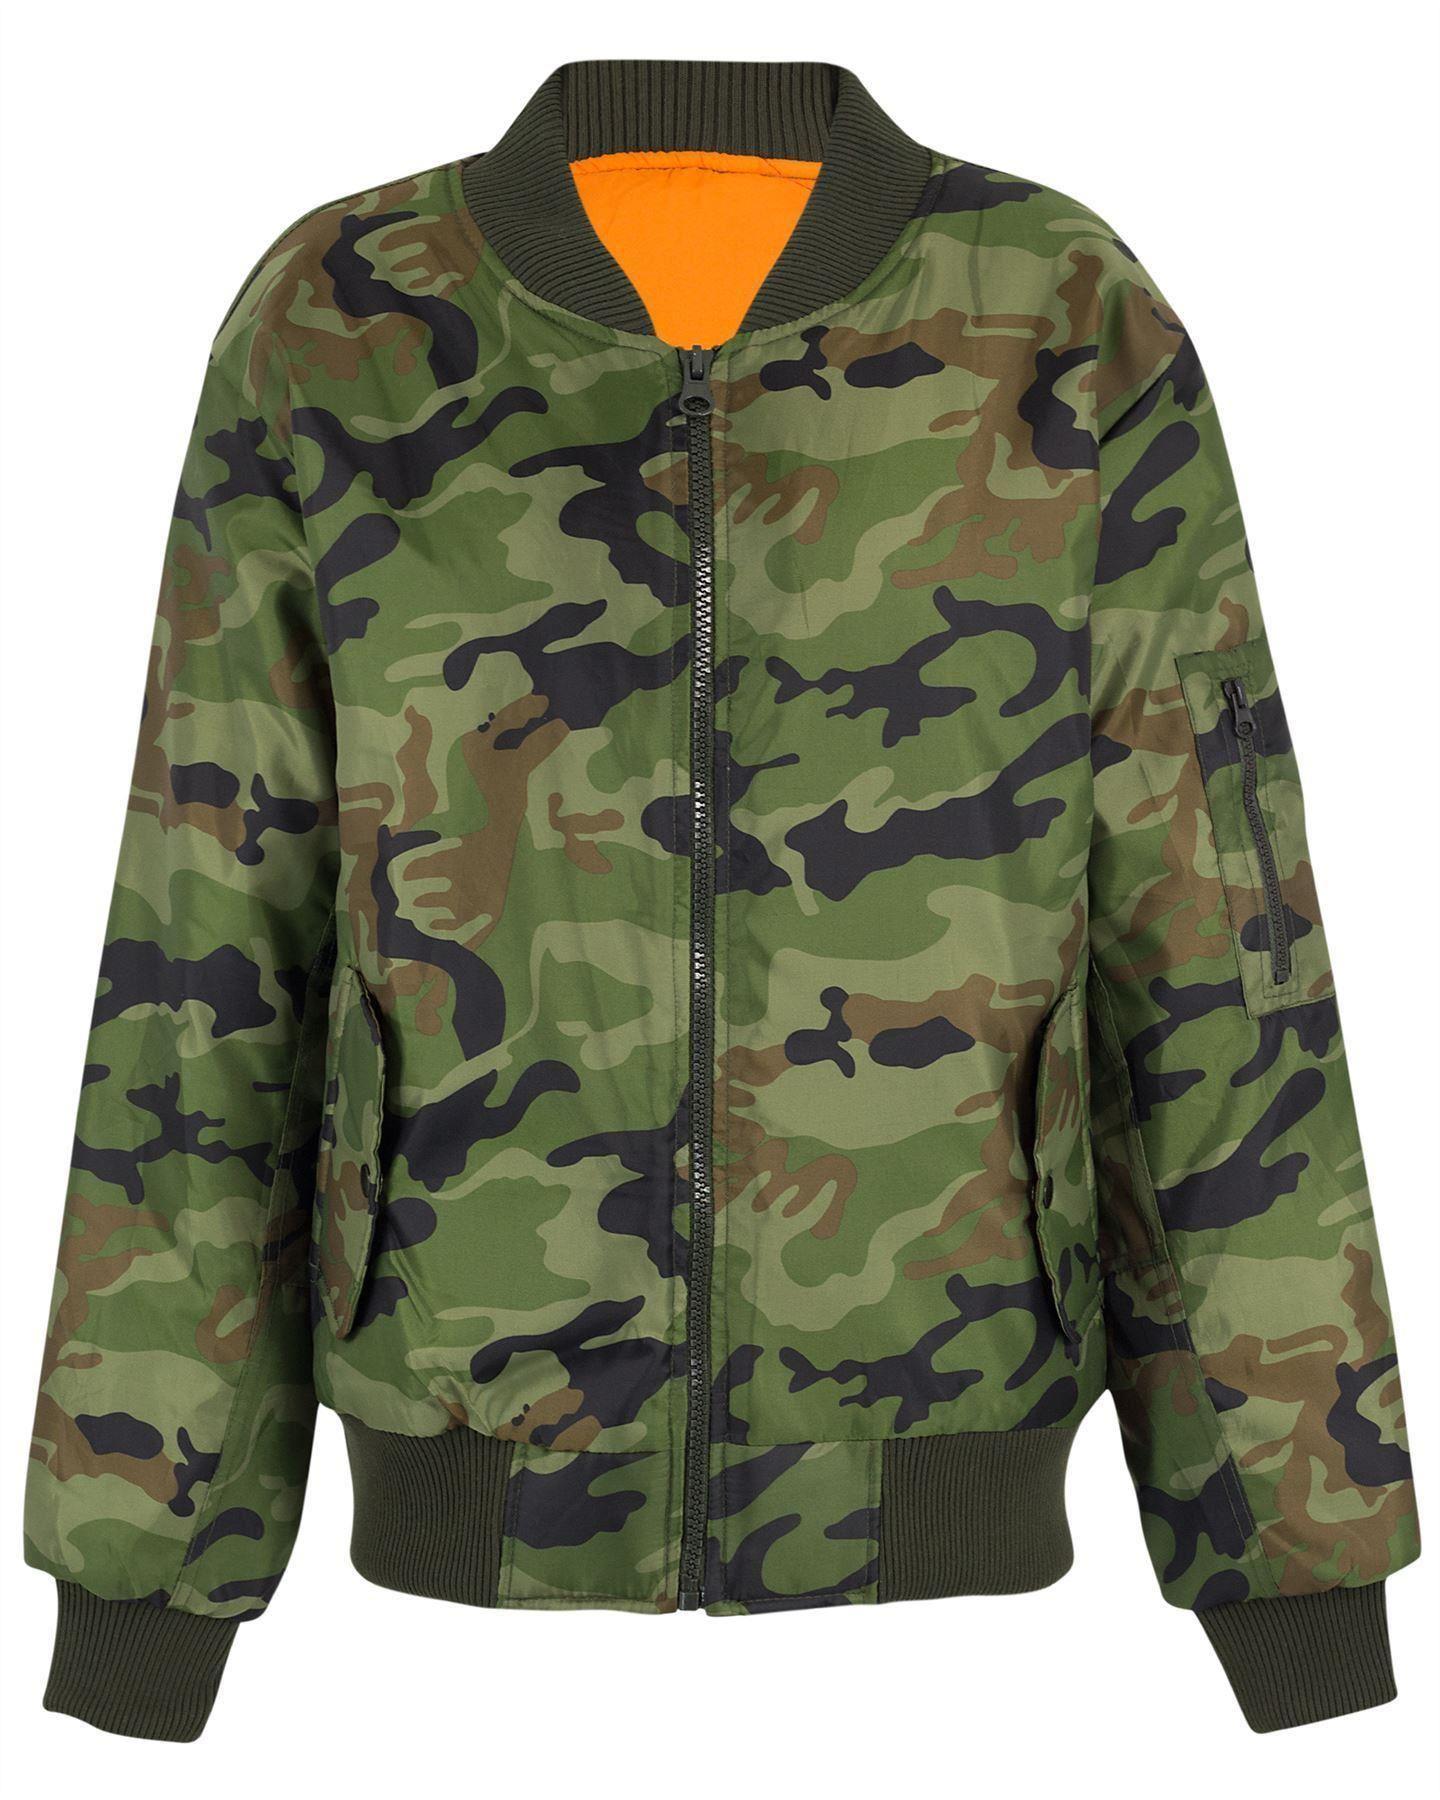 Купить Куртку Бомбер Милитари